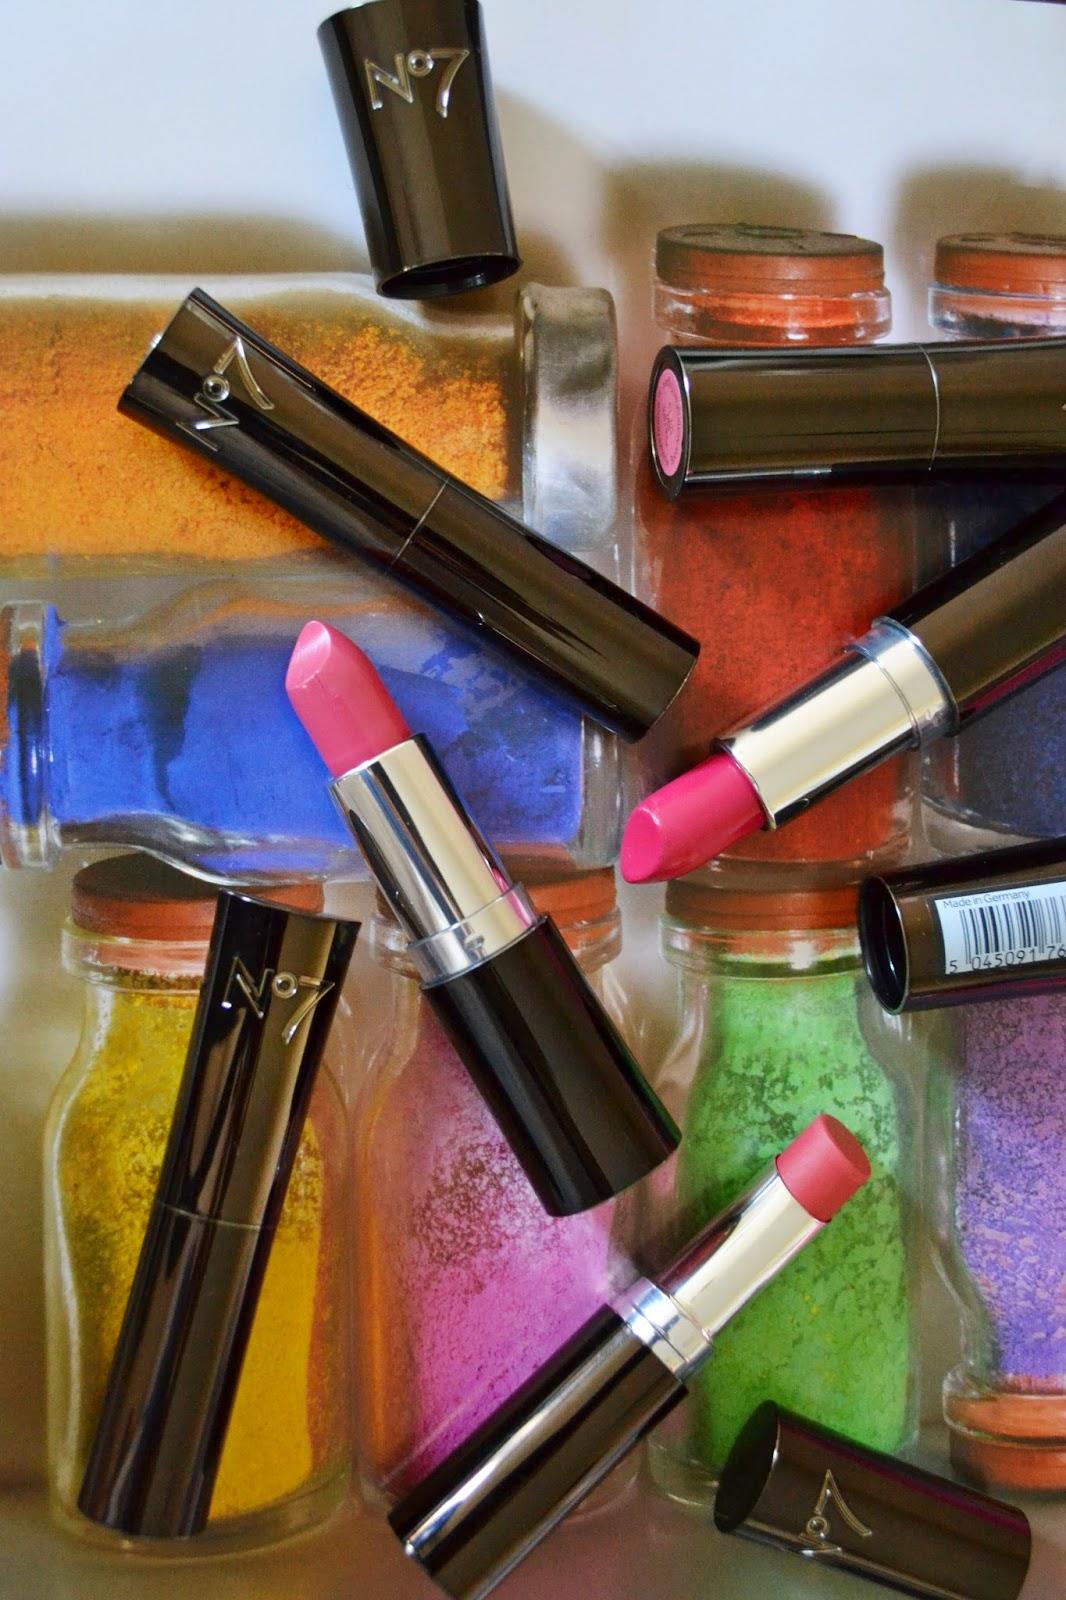 No7 Match Made Lipstick Service Review - Aspiring Londoner